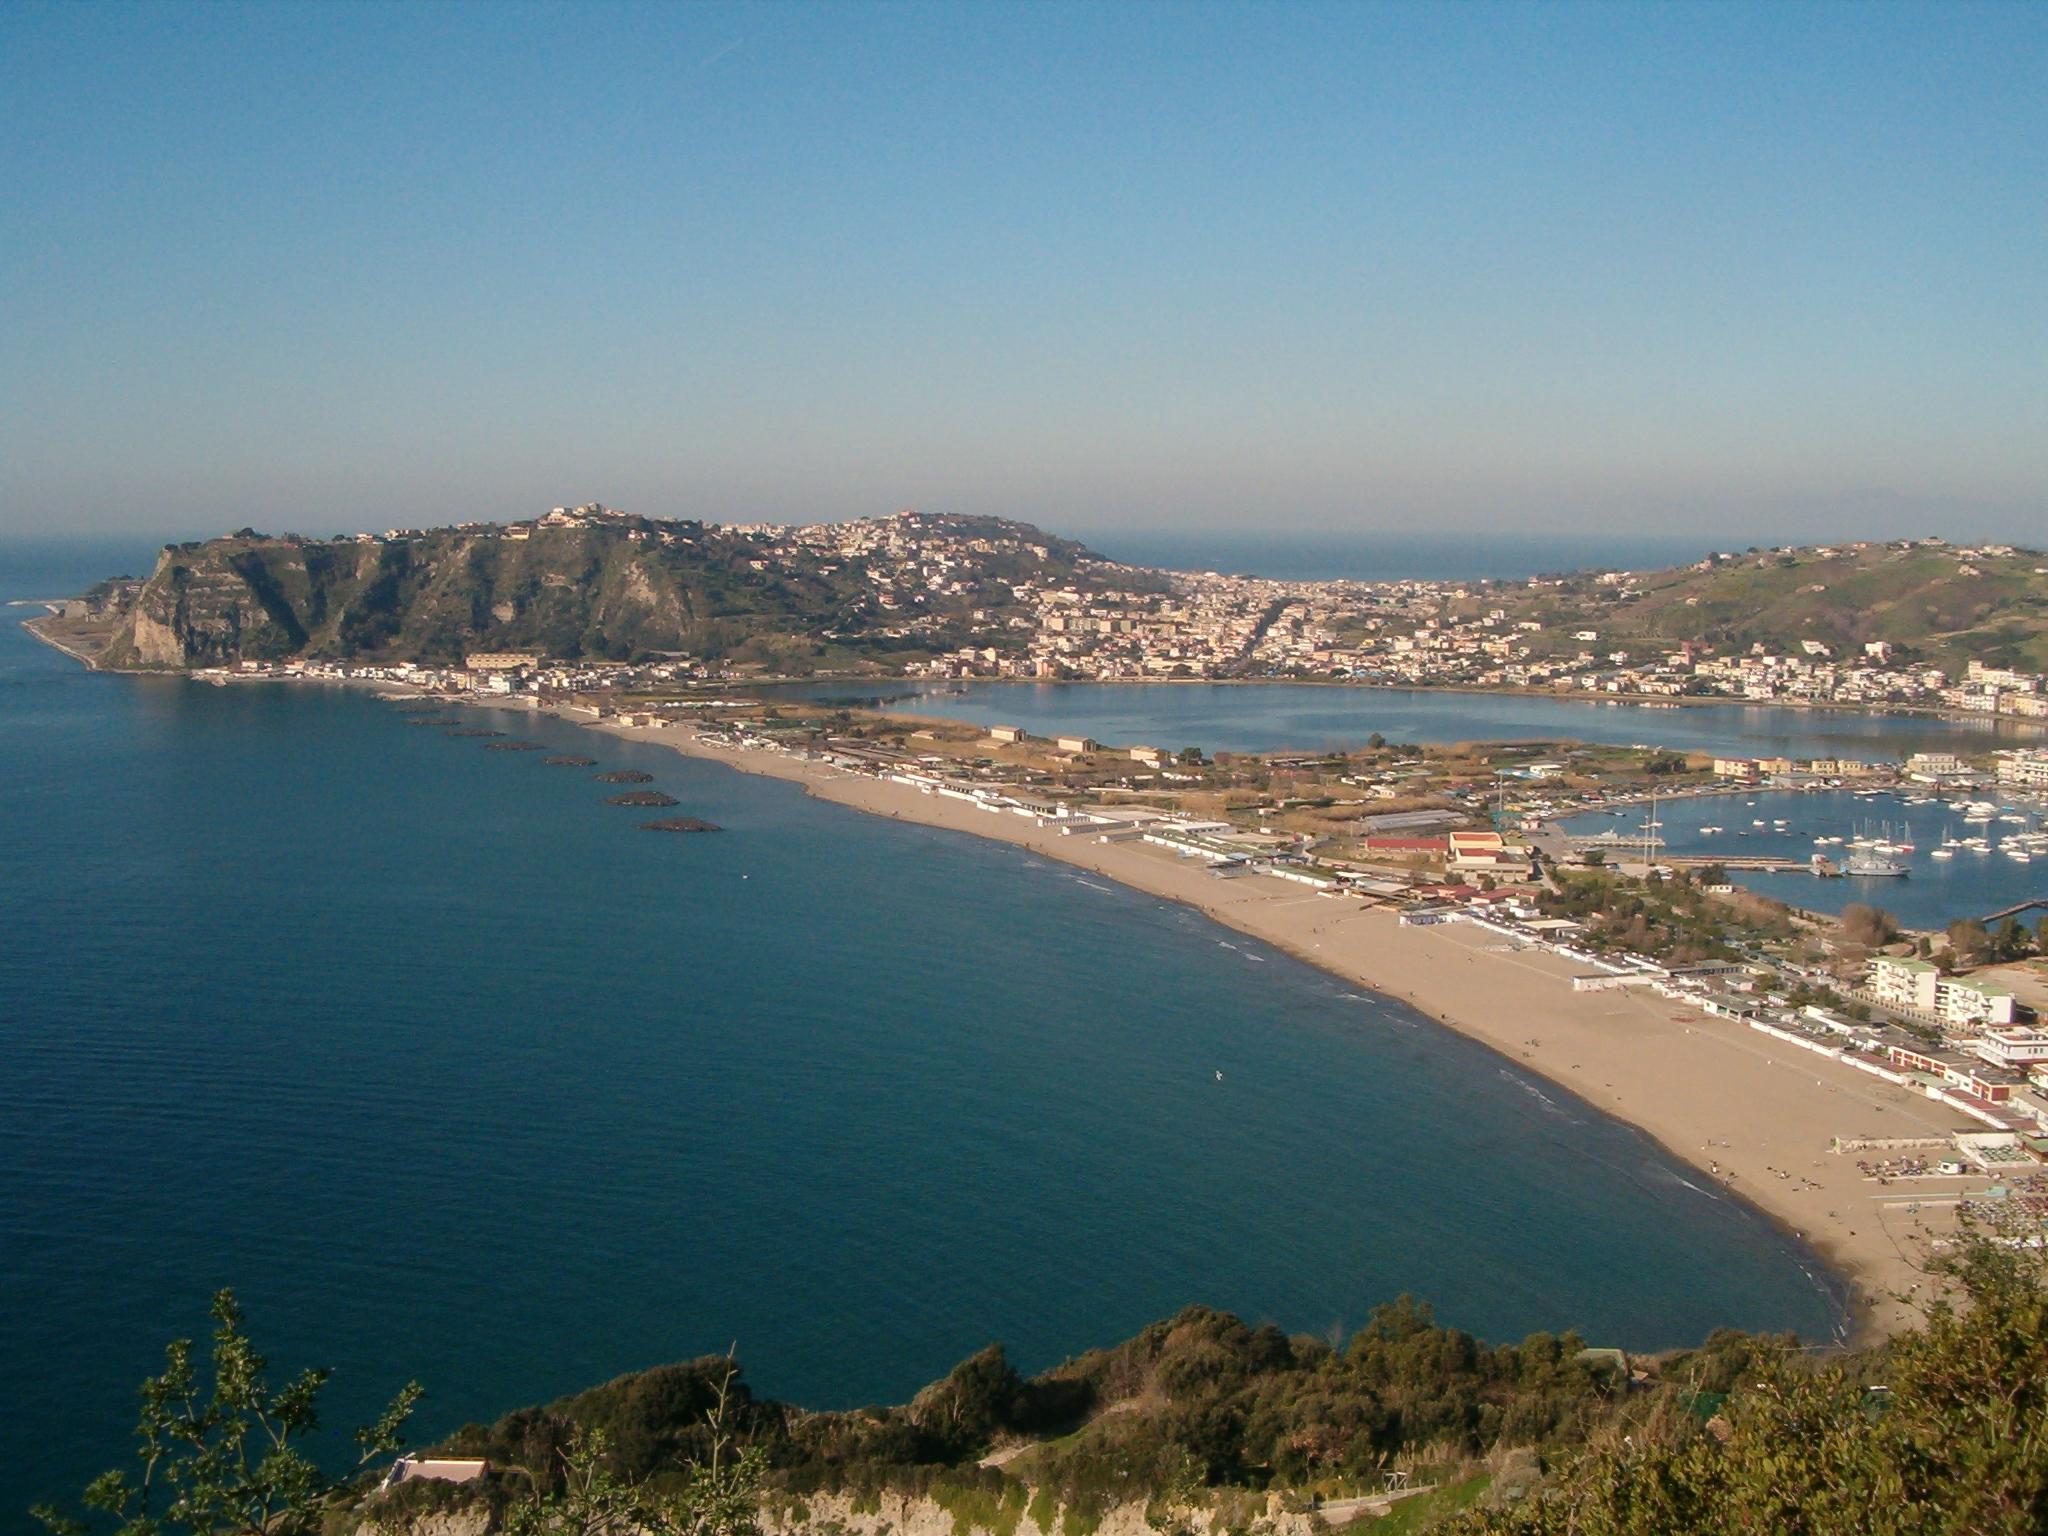 Spiagge Campi Flegrei, da domani si riapre a Pozzuoli e Bacoli